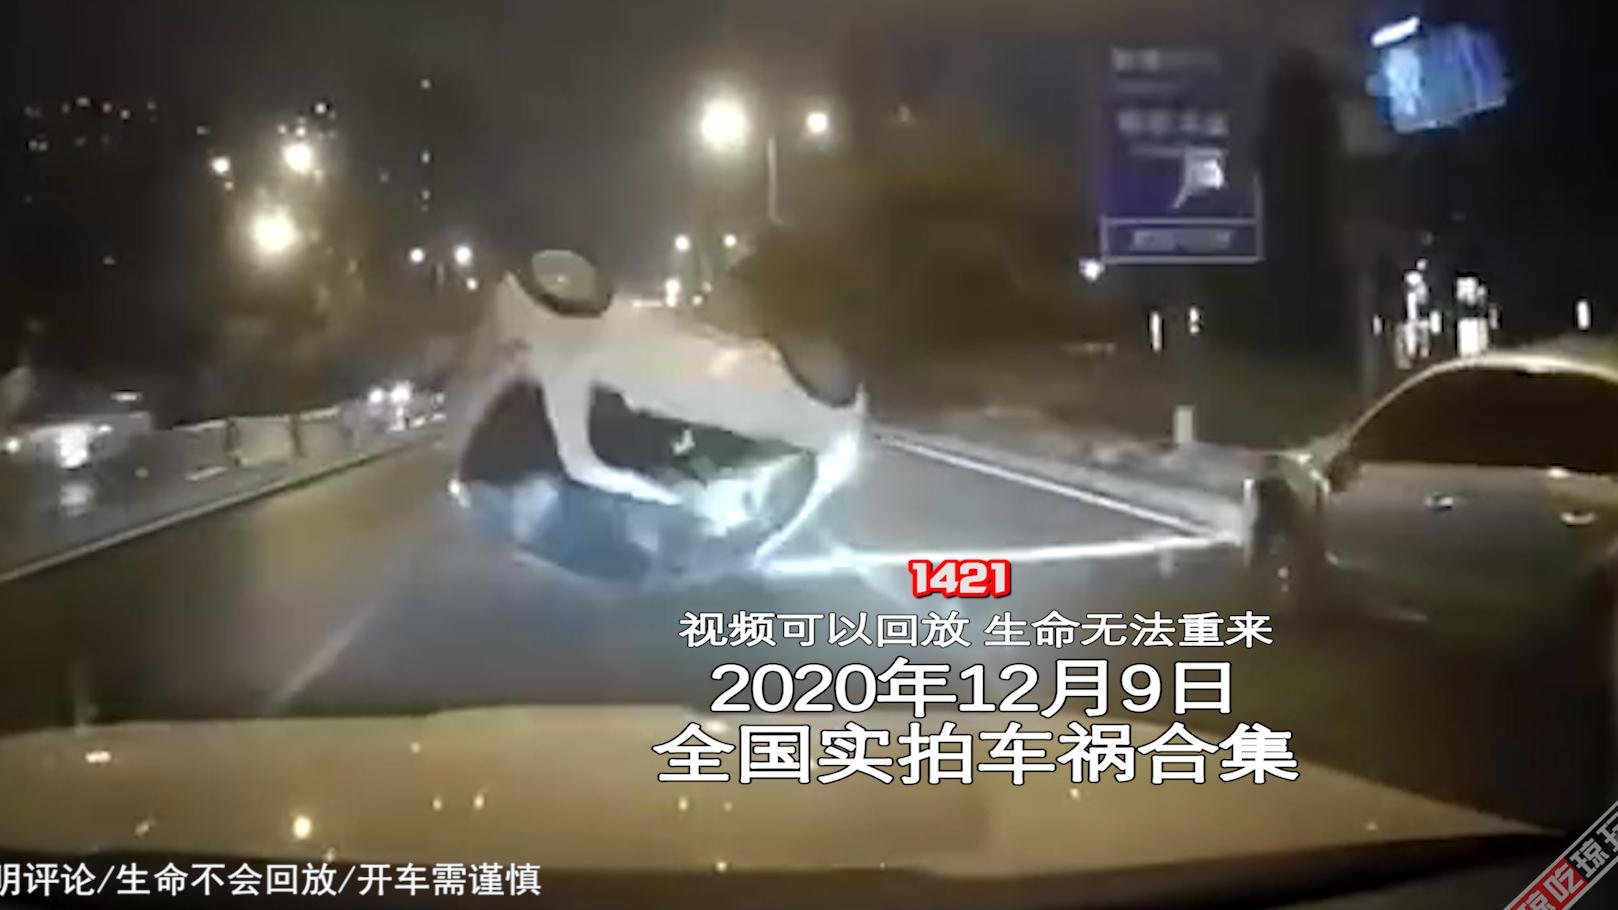 1421期:老人带着孙子从大车面前抢行,小孩被大车辗轧身亡【20201209全国车祸合集】